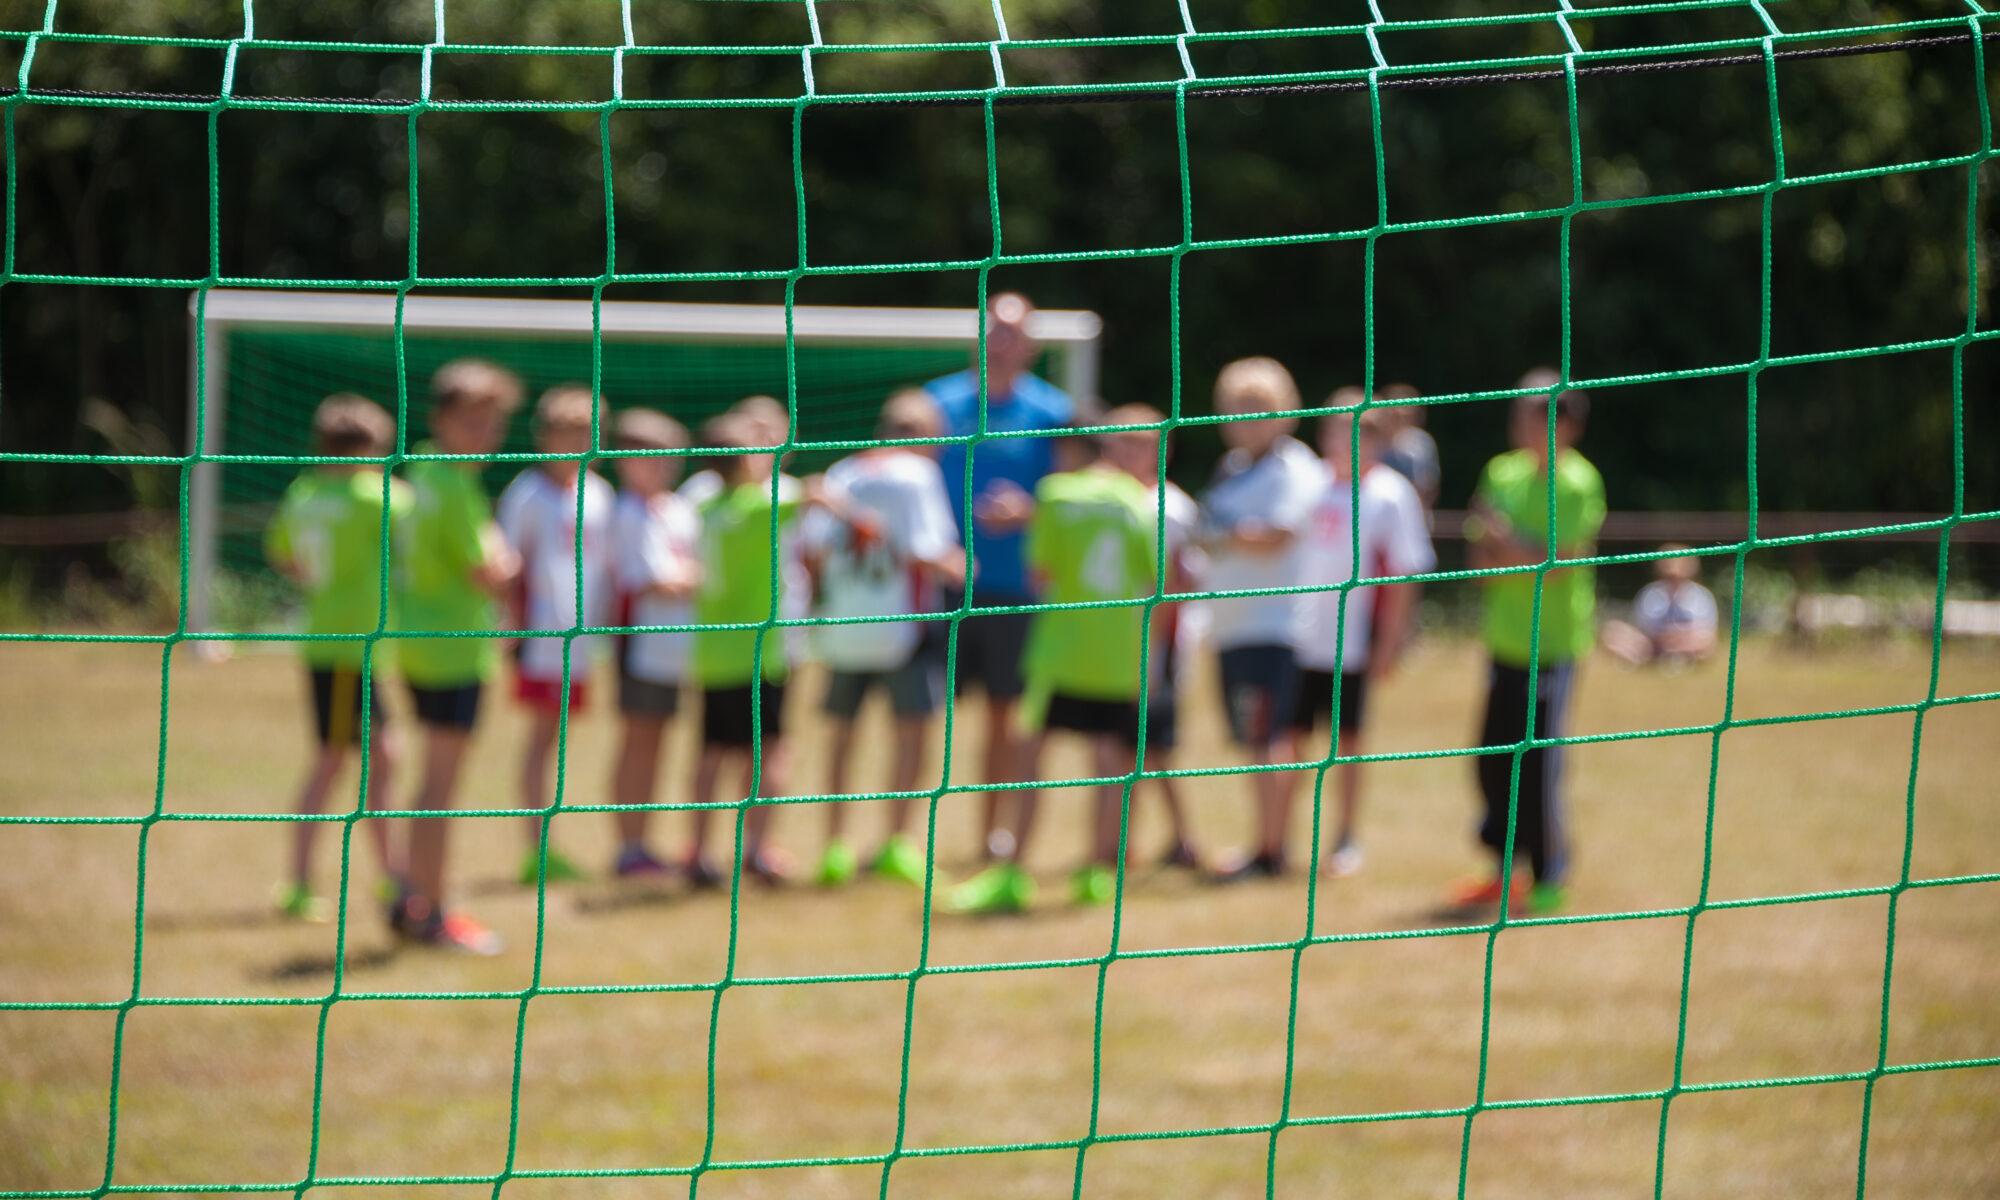 Fußballmannschaft auf dem Platz